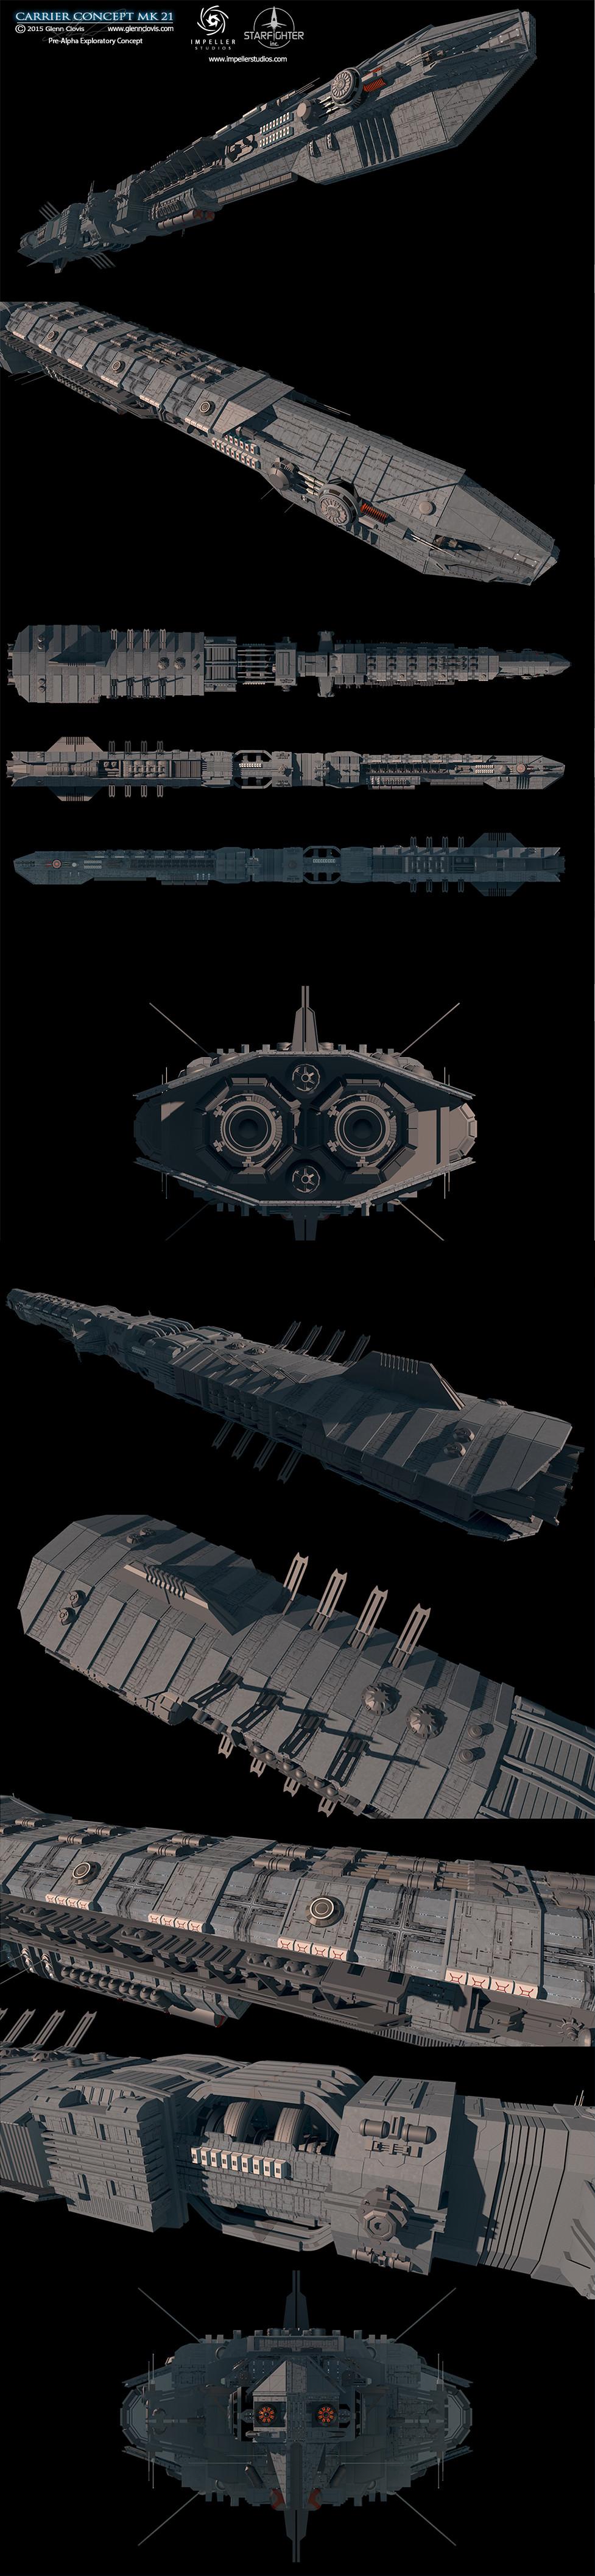 Glenn clovis carrier concept mk21 by glennclovis